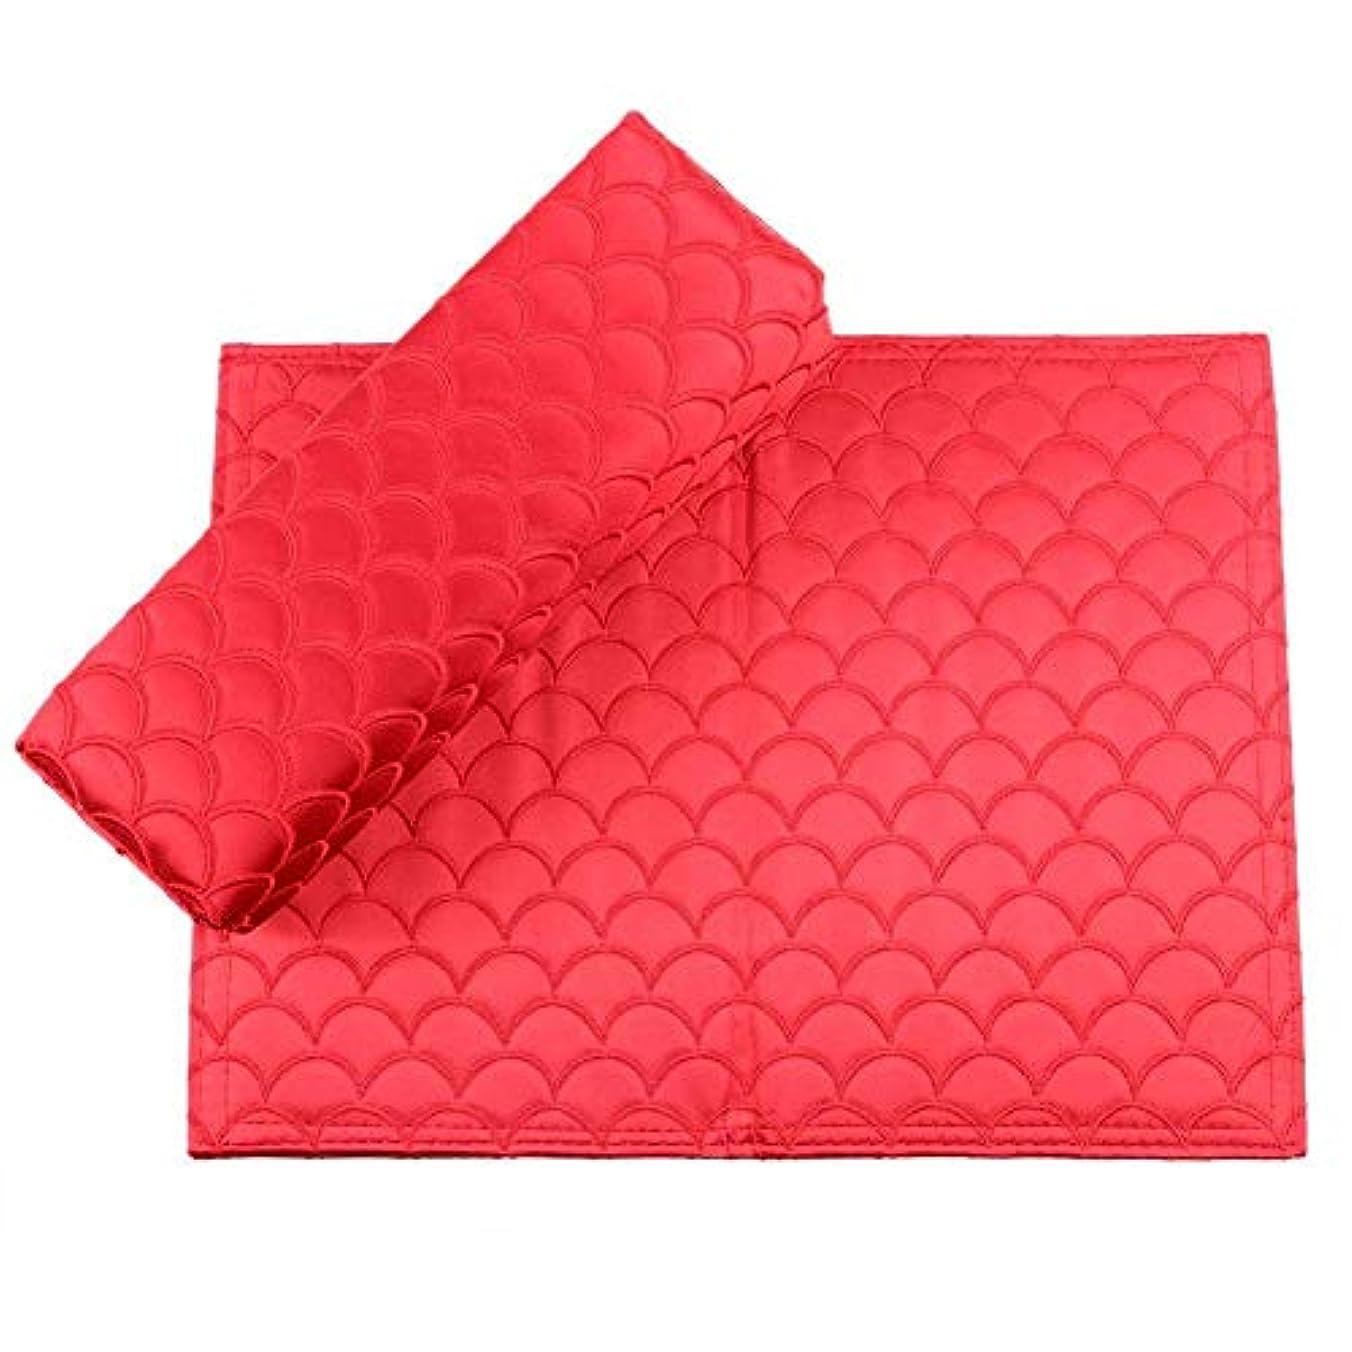 広範囲に検閲特異なYuyte 6色2個折り畳み式の絶妙なソフトシルクネイルアートハンドピロー-アームレストマニキュアサロンの耐高温ハンドクッション(04)